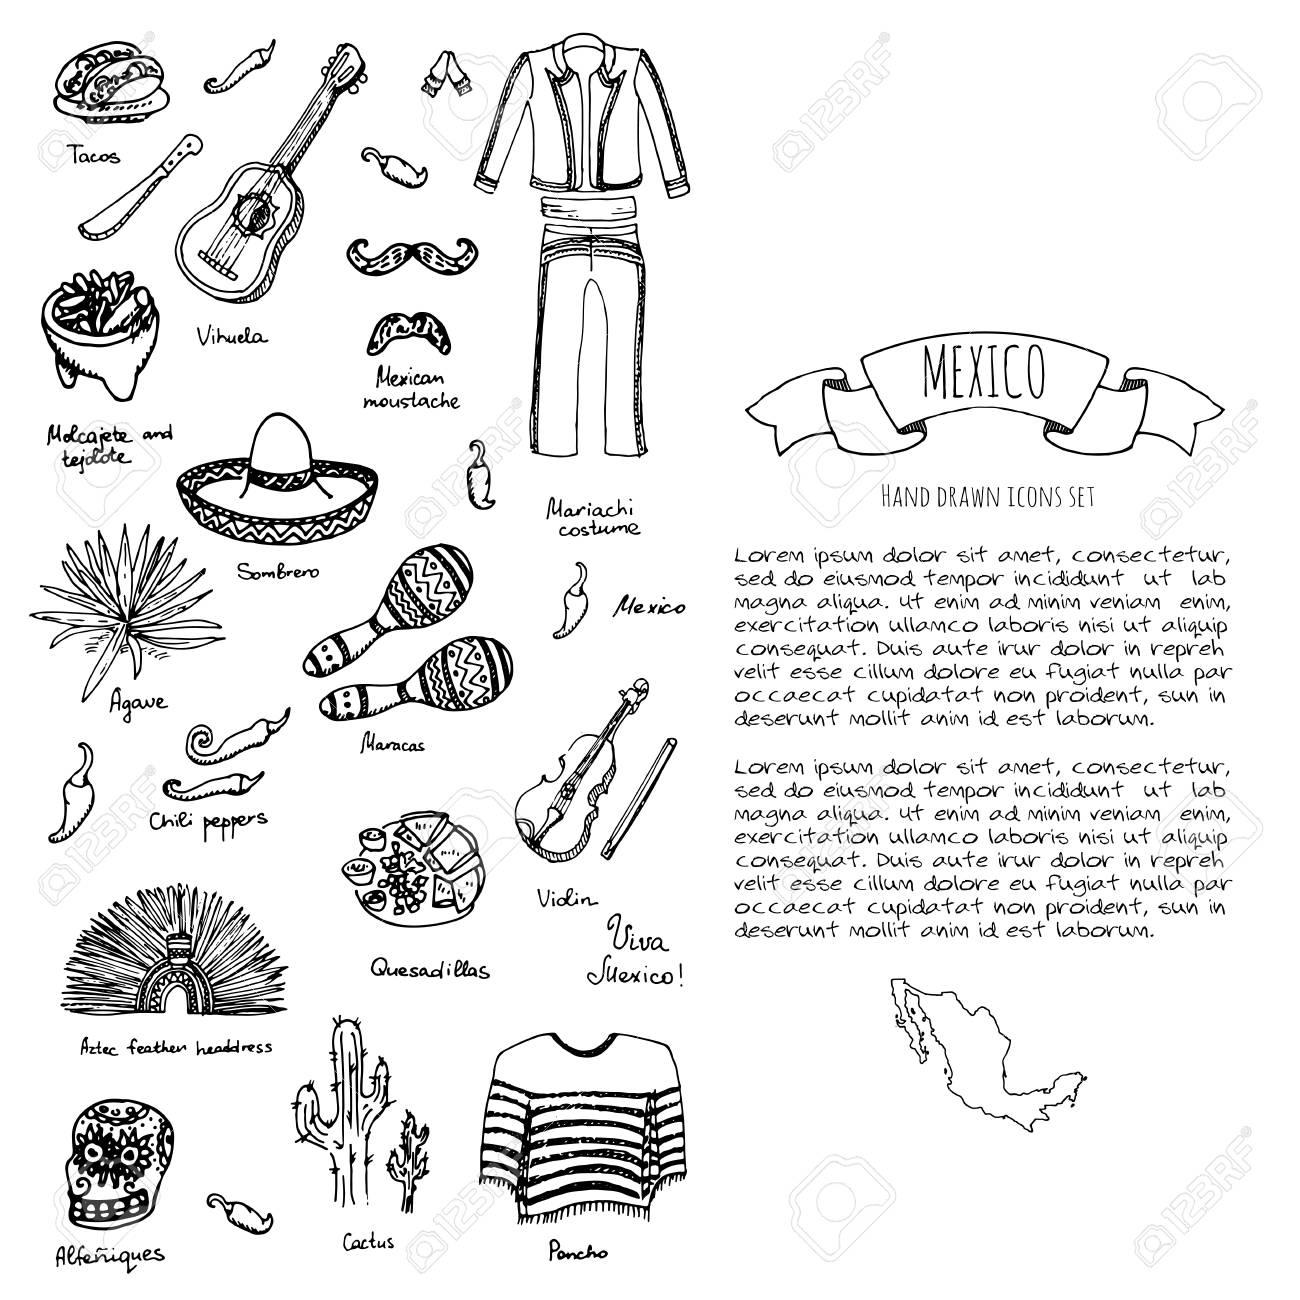 Foto de archivo - Mano doodle México establece ilustración vectorial  Sketchy iconos de comida mexicana ESTADOS UNIDOS MEXICANOS elementos  Bandera Maracas ... 96b6e32c4ae